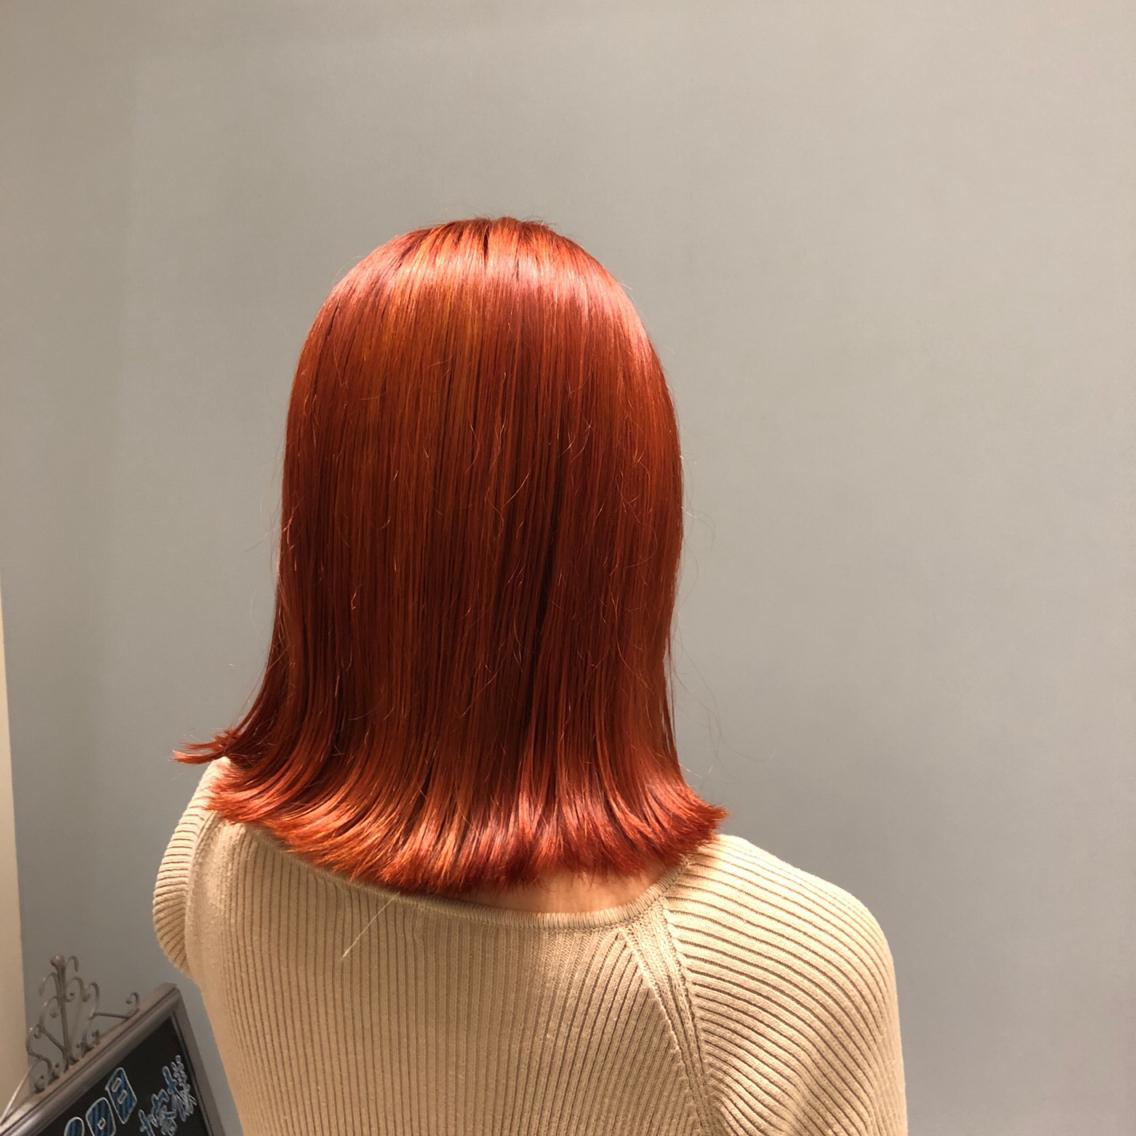 #ミディアム #カラー #ヘアアレンジ #その他  🦊 valencia color 🦊   今流行のオレンジ系のカラーです🍊   ブリーチ1回でイルミナカラーでオンカラーする事で 明るすぎず色味もしっかりツヤツヤに✨   イルミナカラーは普通のカラー剤よりダメージが 少なく色味もしっかり入り、仕上がりに艶が出るので オススメです🥰